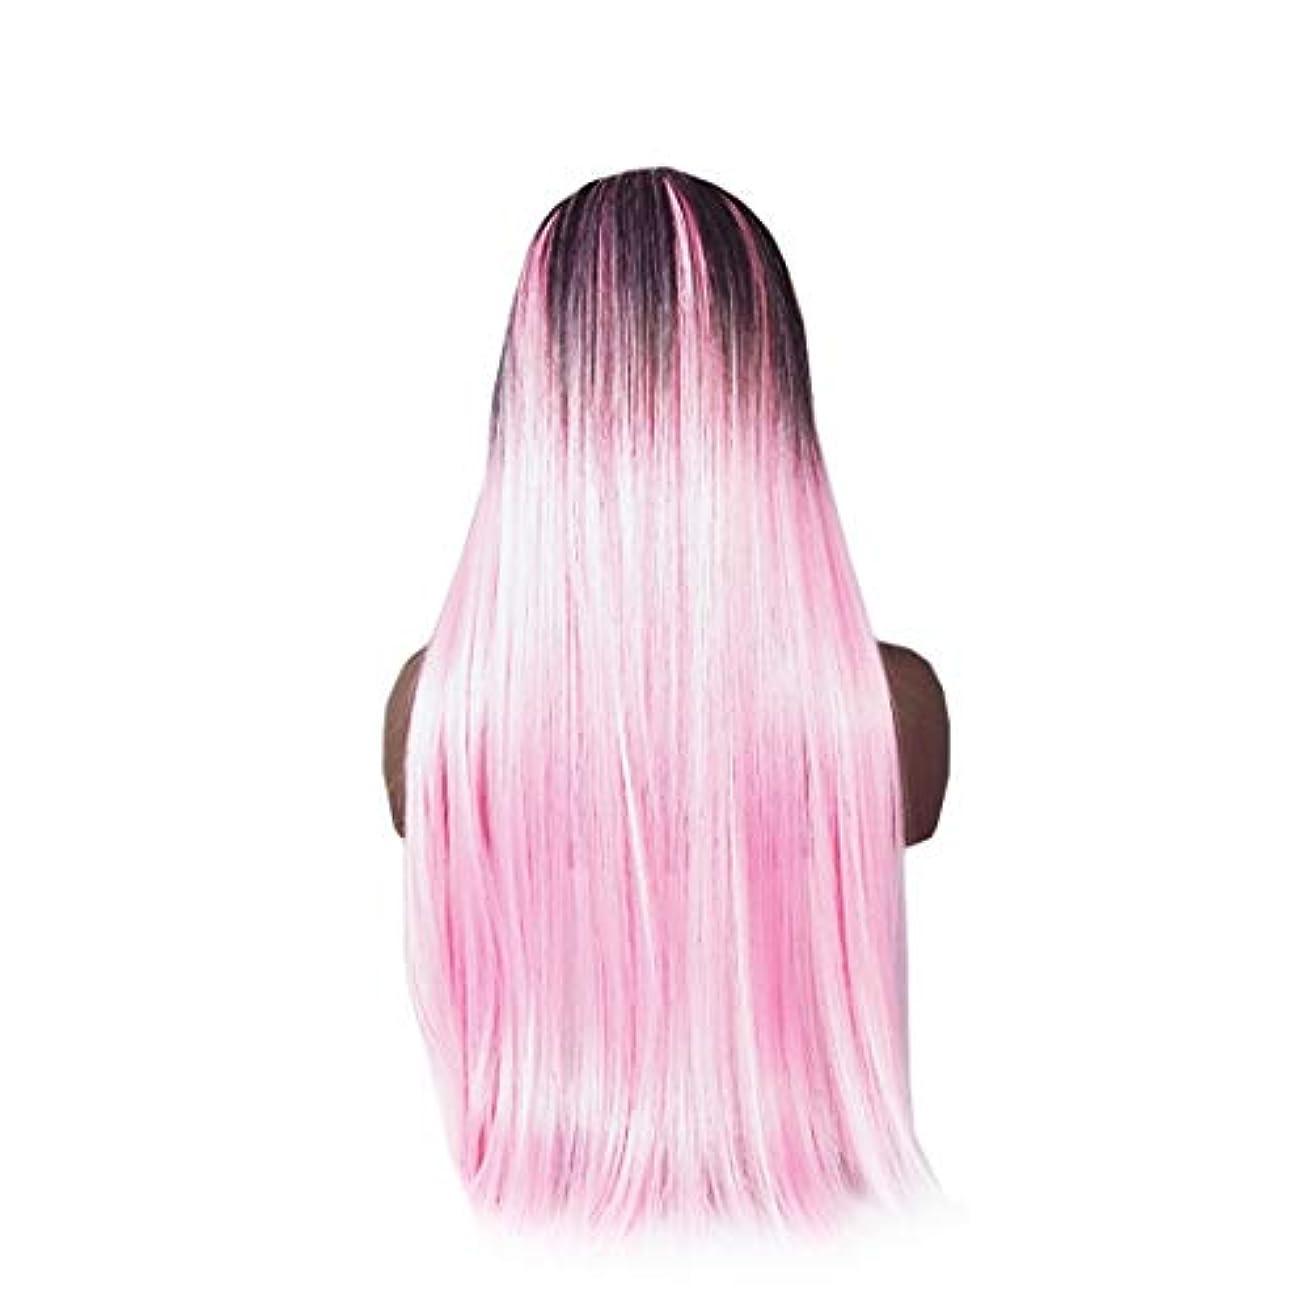 出版変更可能致命的Koloeplf 合成ストレートストレートヘアウィッグカラーグラデーションフルウィッグ女性のための前髪付き耐熱ウィッグロングウィッグコスプレ/パーティー用 (Color : Pink)